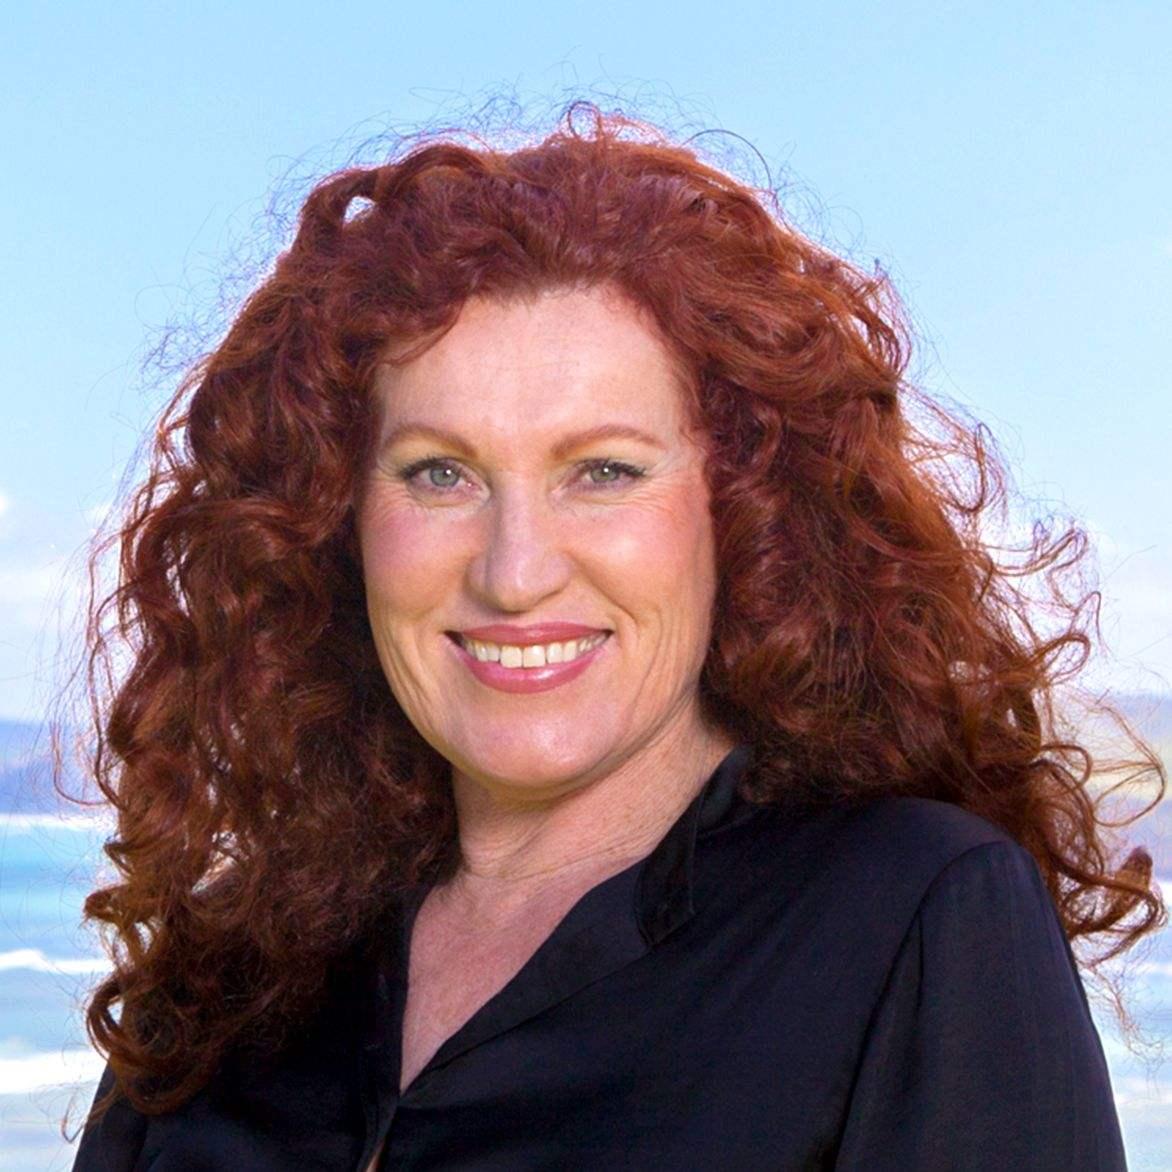 Melanie Carroll